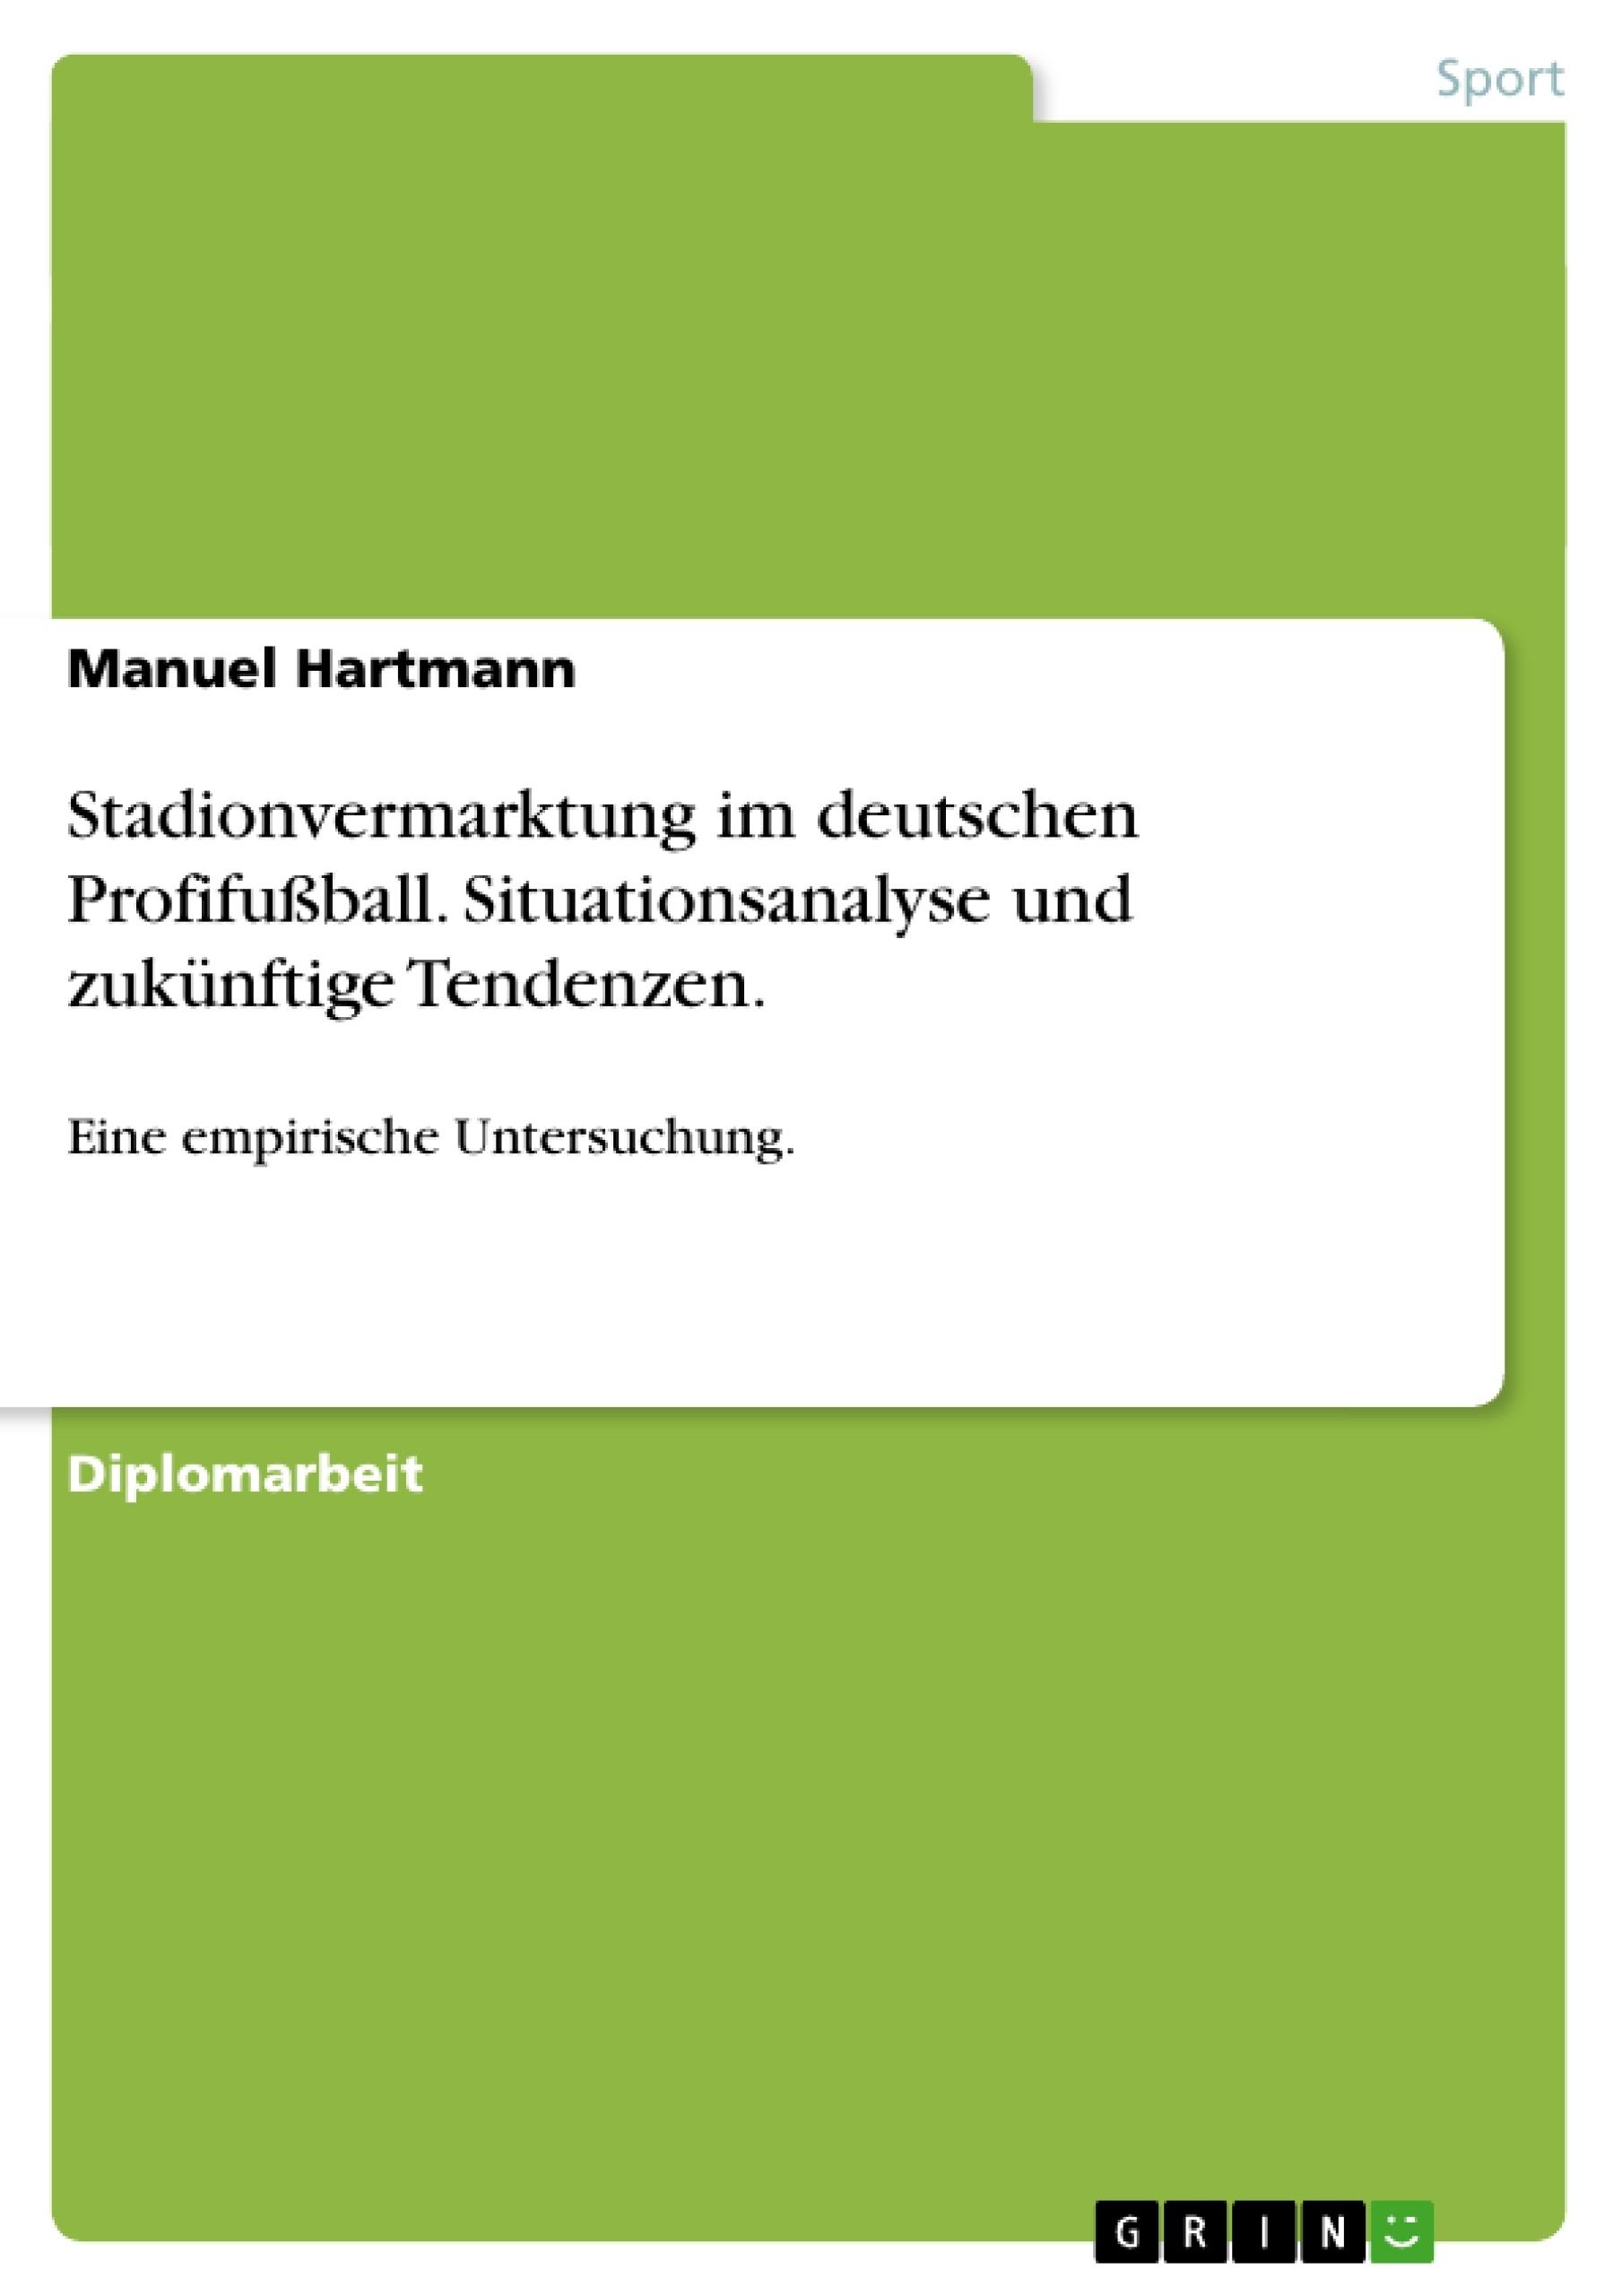 Titel: Stadionvermarktung im deutschen Profifußball. Situationsanalyse und zukünftige Tendenzen.